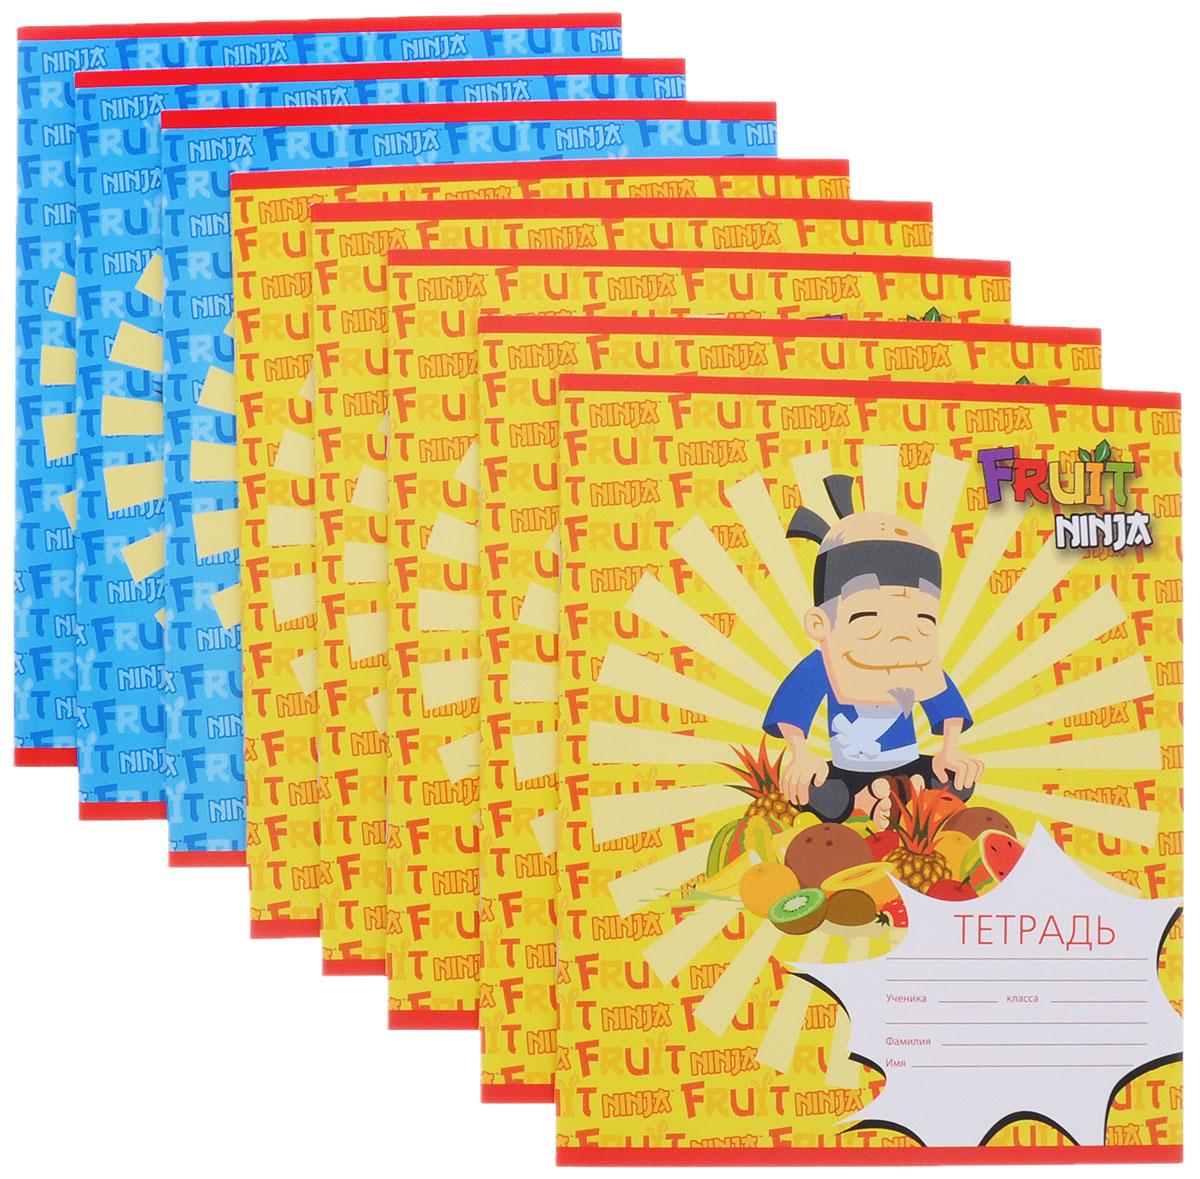 Action! Набор тетрадей Fruit Ninja 24 листа в клетку цвет желтый синий 8 штFN-AN 2402/5_желтый, синийНабор тетрадей Action! Fruit Ninja прекрасно подойдет для учащихся любого возраста. Обложка выполнена из мелованного картона и украшена изображением героя знаменитой игры Fruit Ninja. Внутренний блок тетради состоит из 24 листов белой бумаги. Страницы размечены стандартной линовкой в голубую клетку и дополнены полями, совпадающими с лицевой и оборотной стороны листа. Набор состоит из 8 тетрадей.